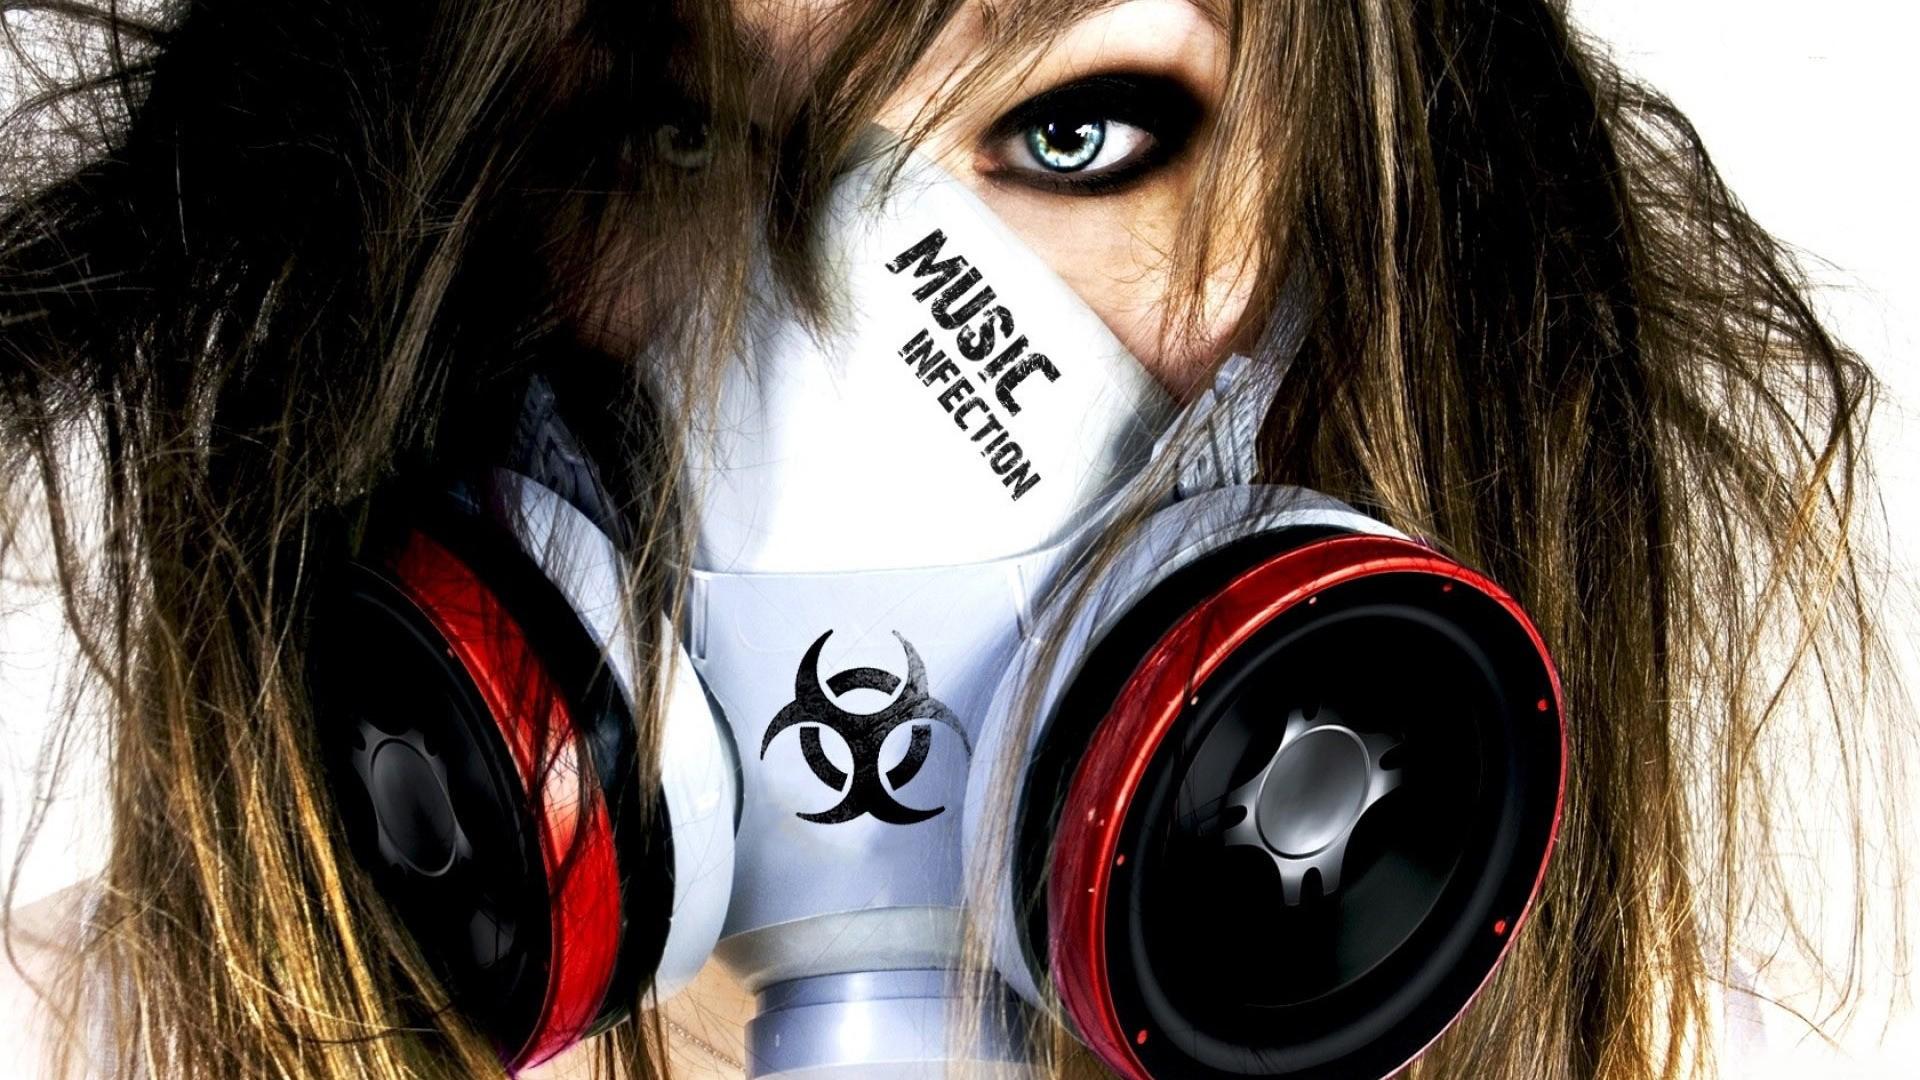 Wallpaper : face, women, gas masks, photography, artwork